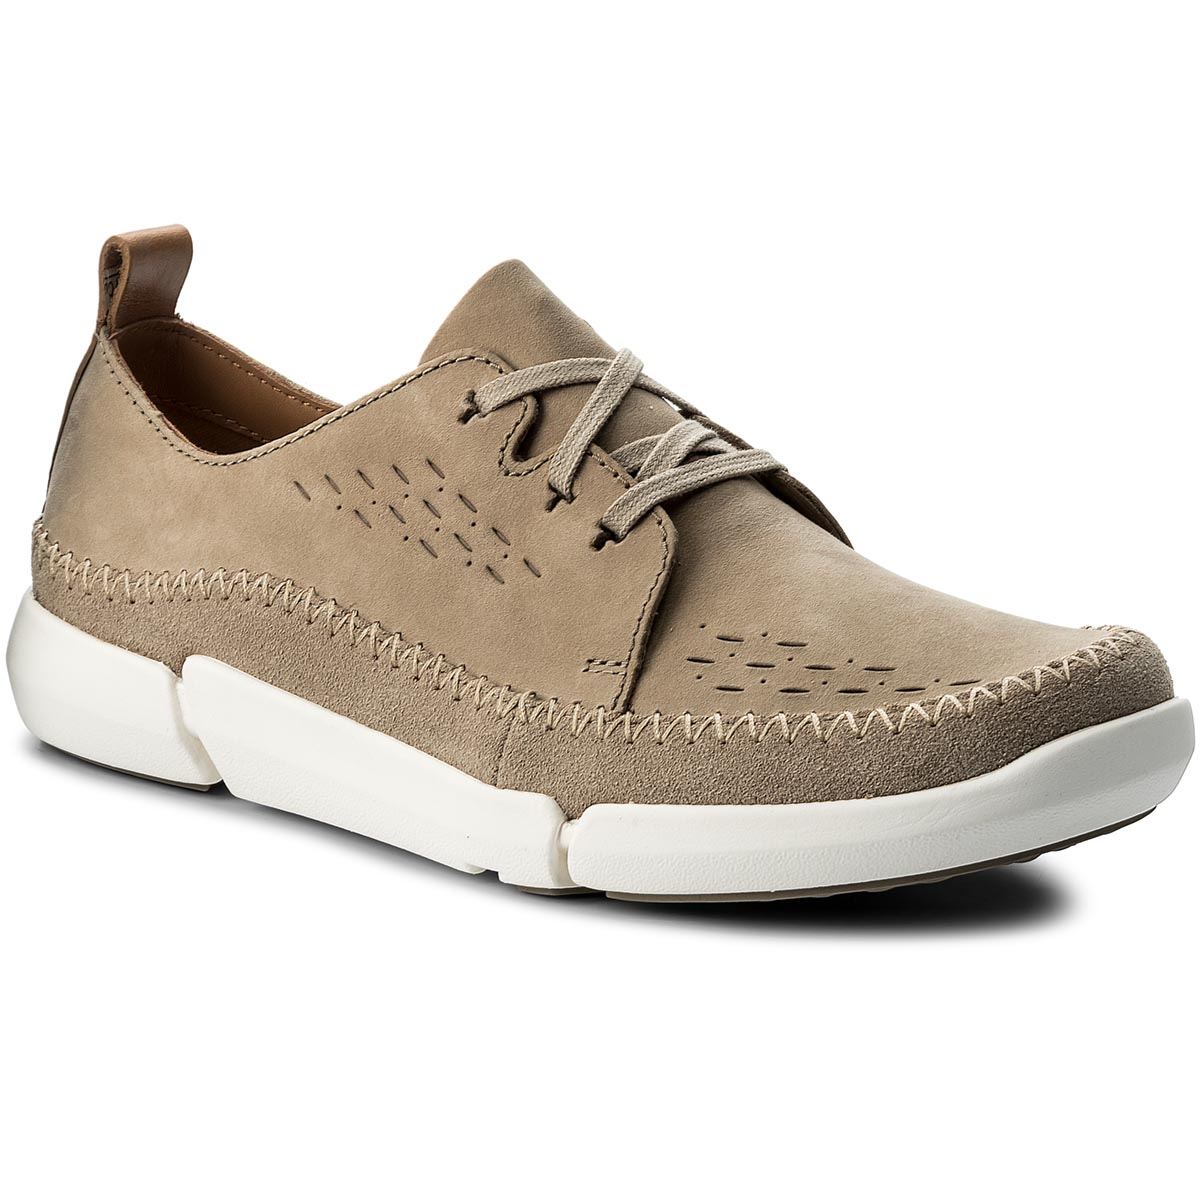 chaussures chaussures basses rieker b grau grau grau occasionnel chaussures pour hommes 093e06